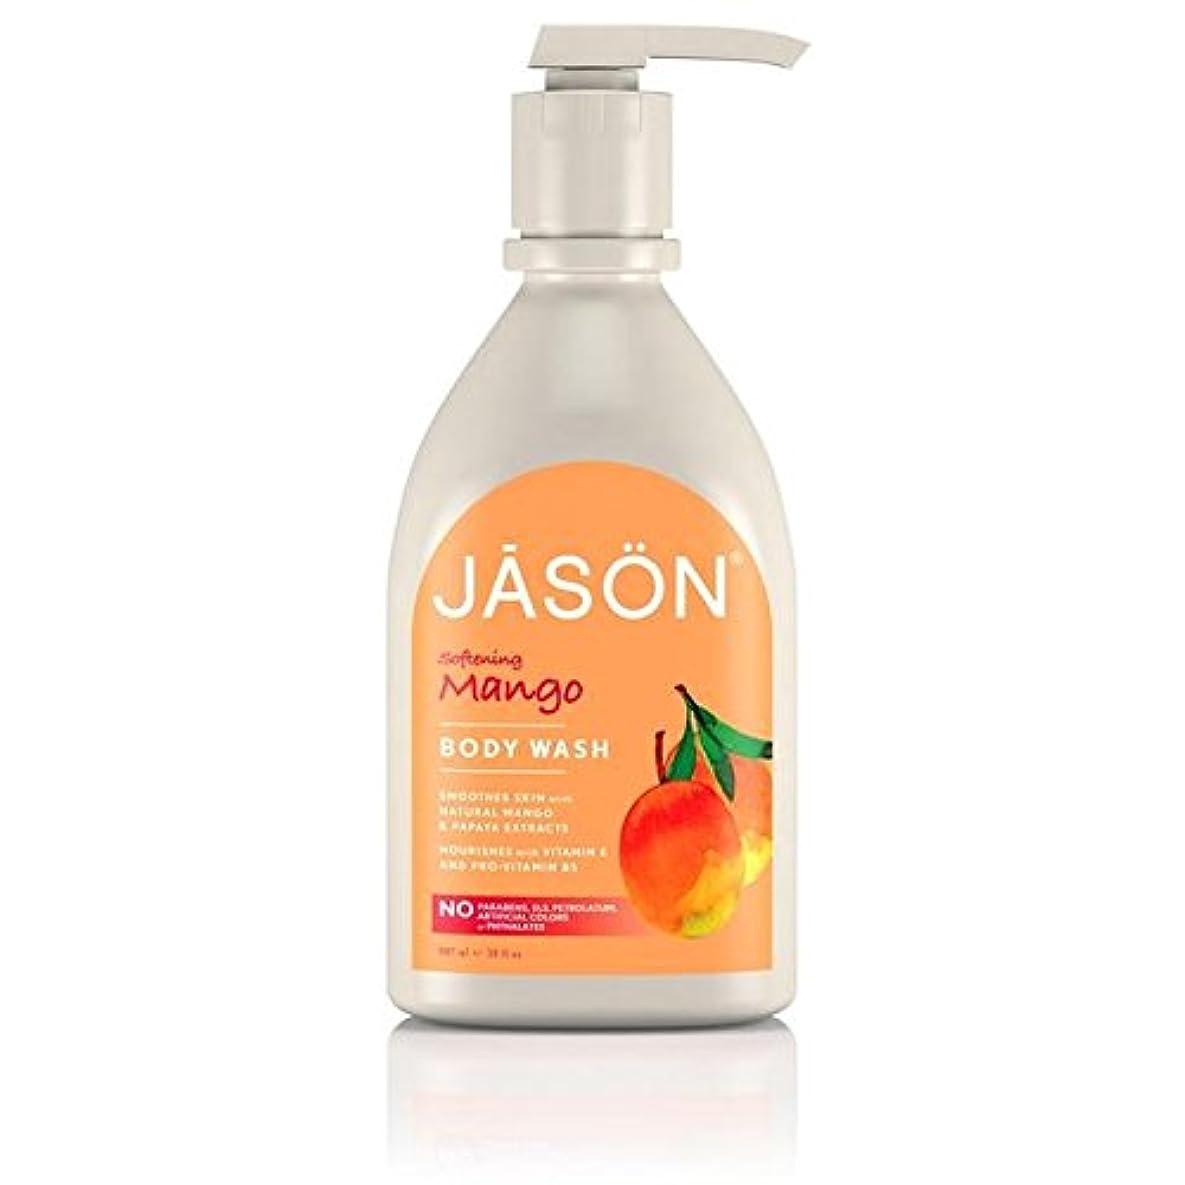 アカウント湿気の多いハイランドジェイソン?マンゴーサテンボディウォッシュポンプ900ミリリットル x4 - Jason Mango Satin Body Wash Pump 900ml (Pack of 4) [並行輸入品]